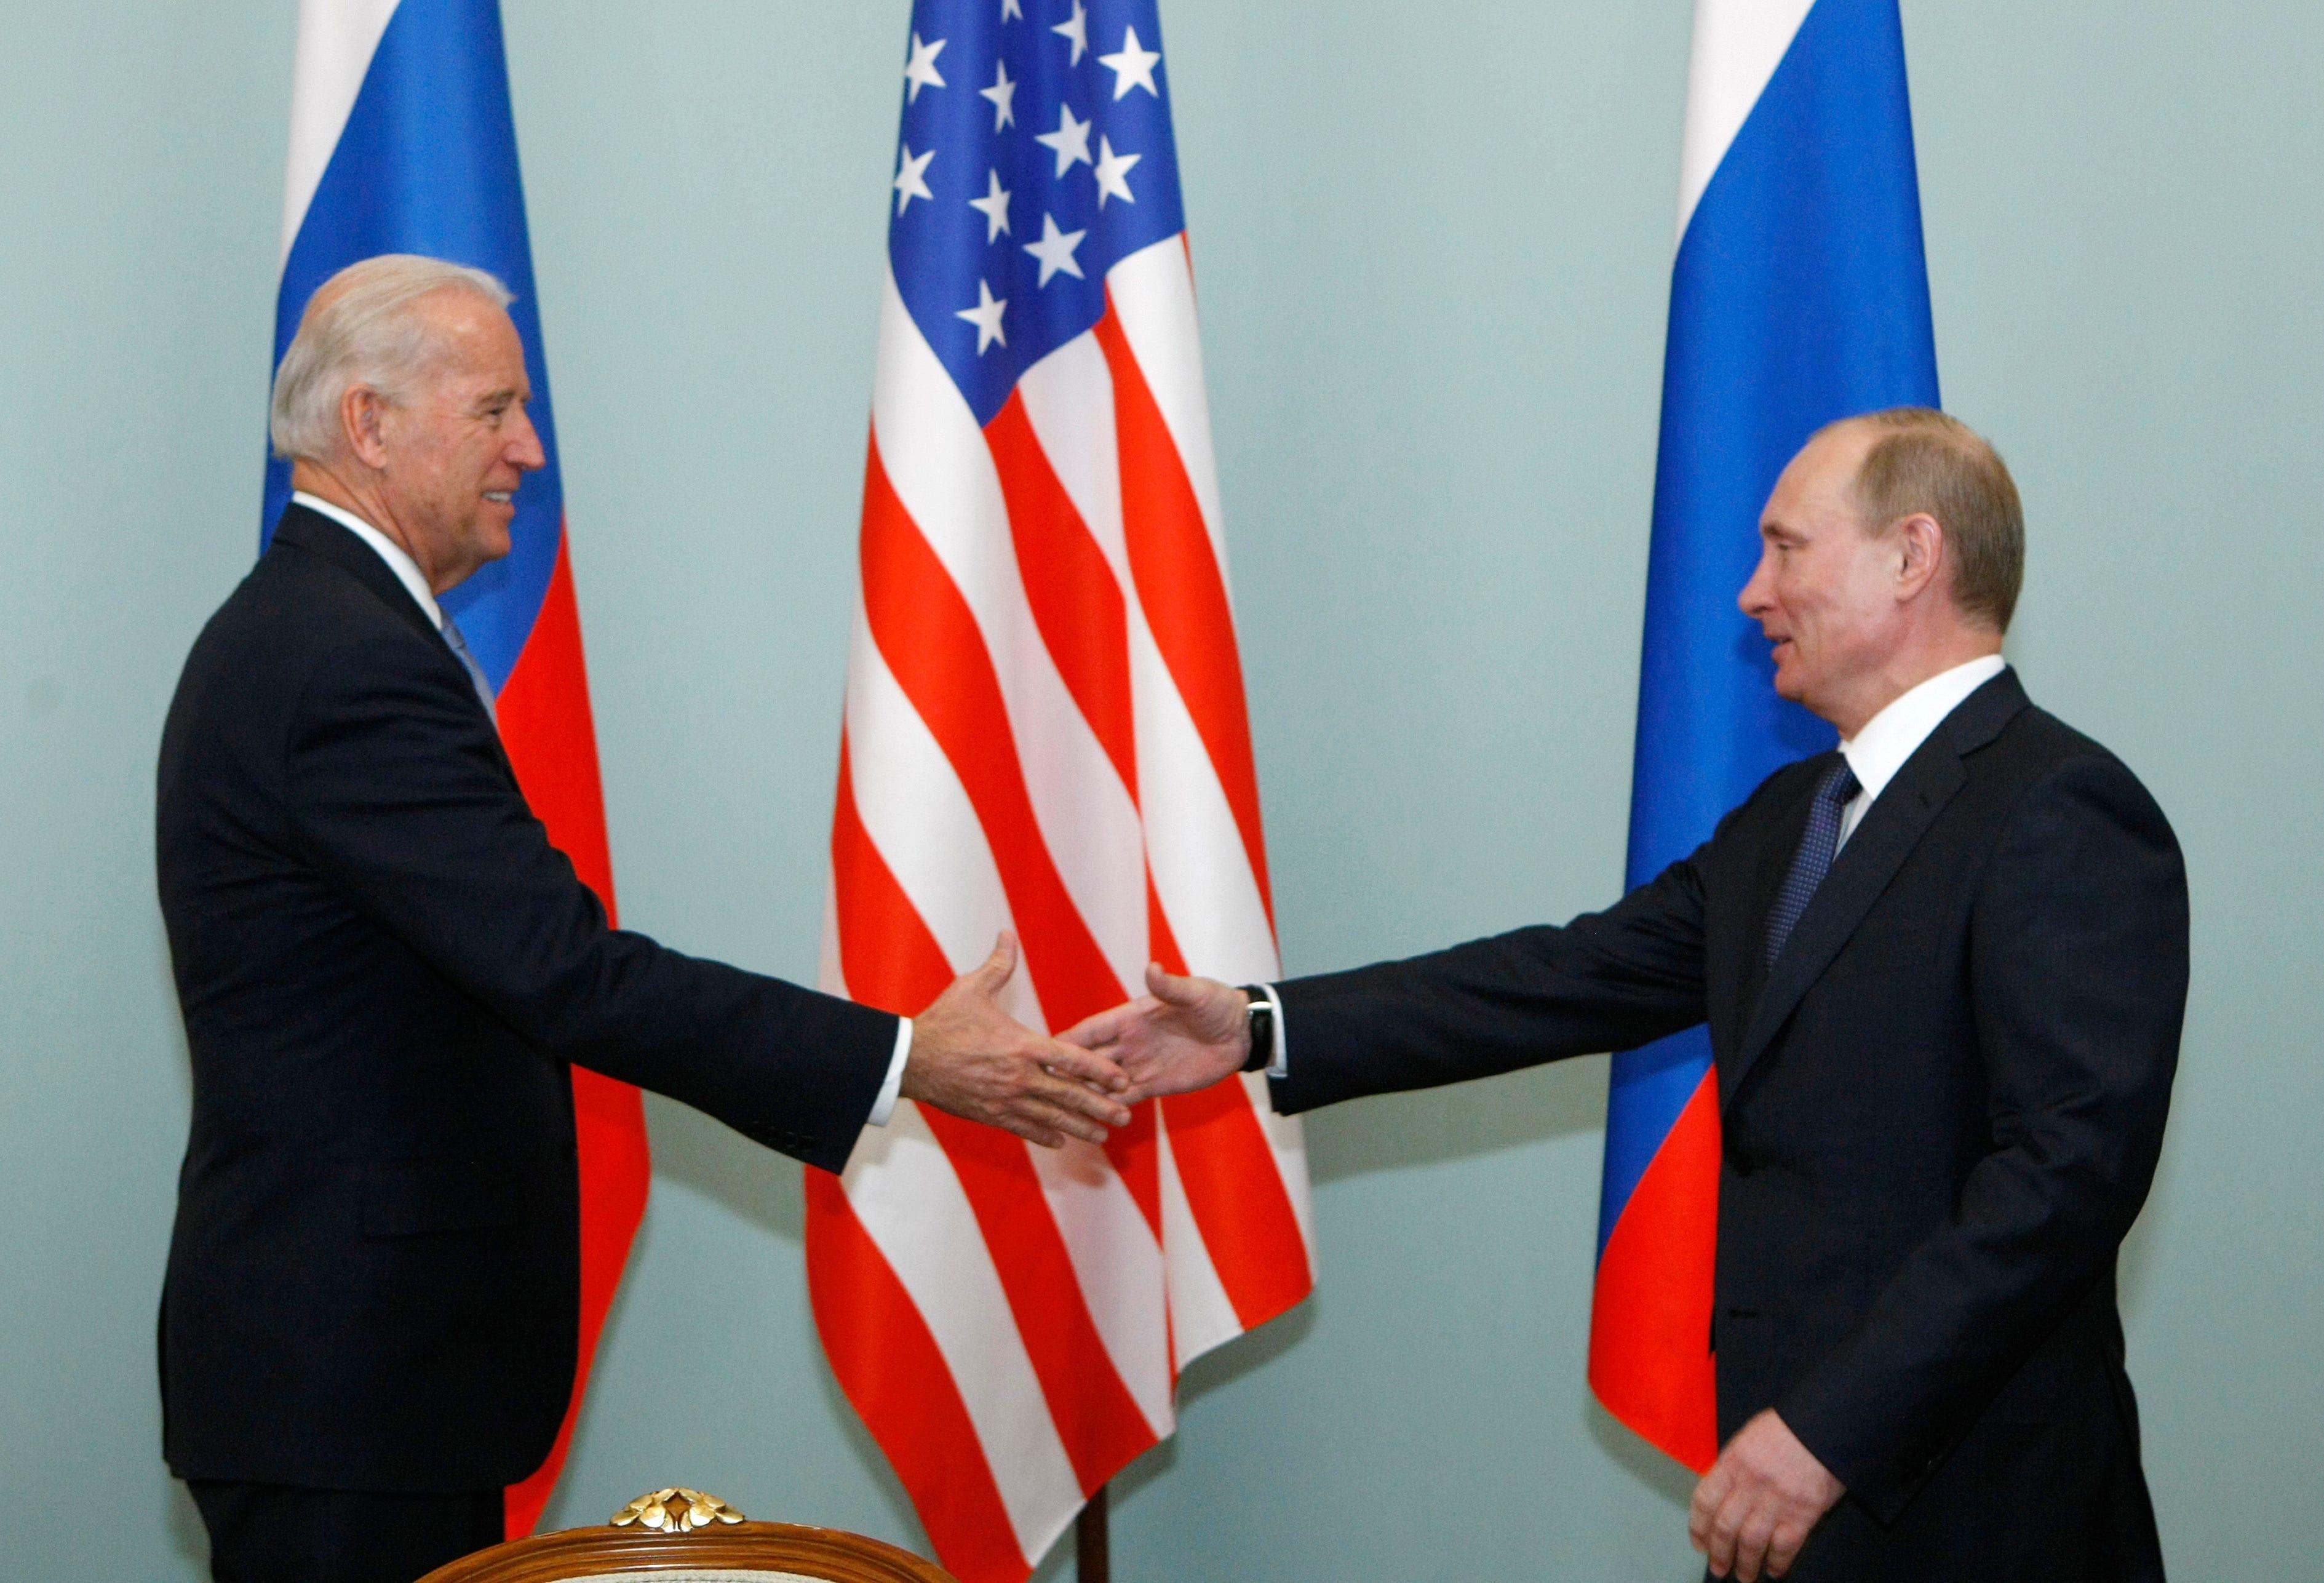 Rusya ve ABD anlaştı: Ortak karar taslağı BM'ye sunuldu!